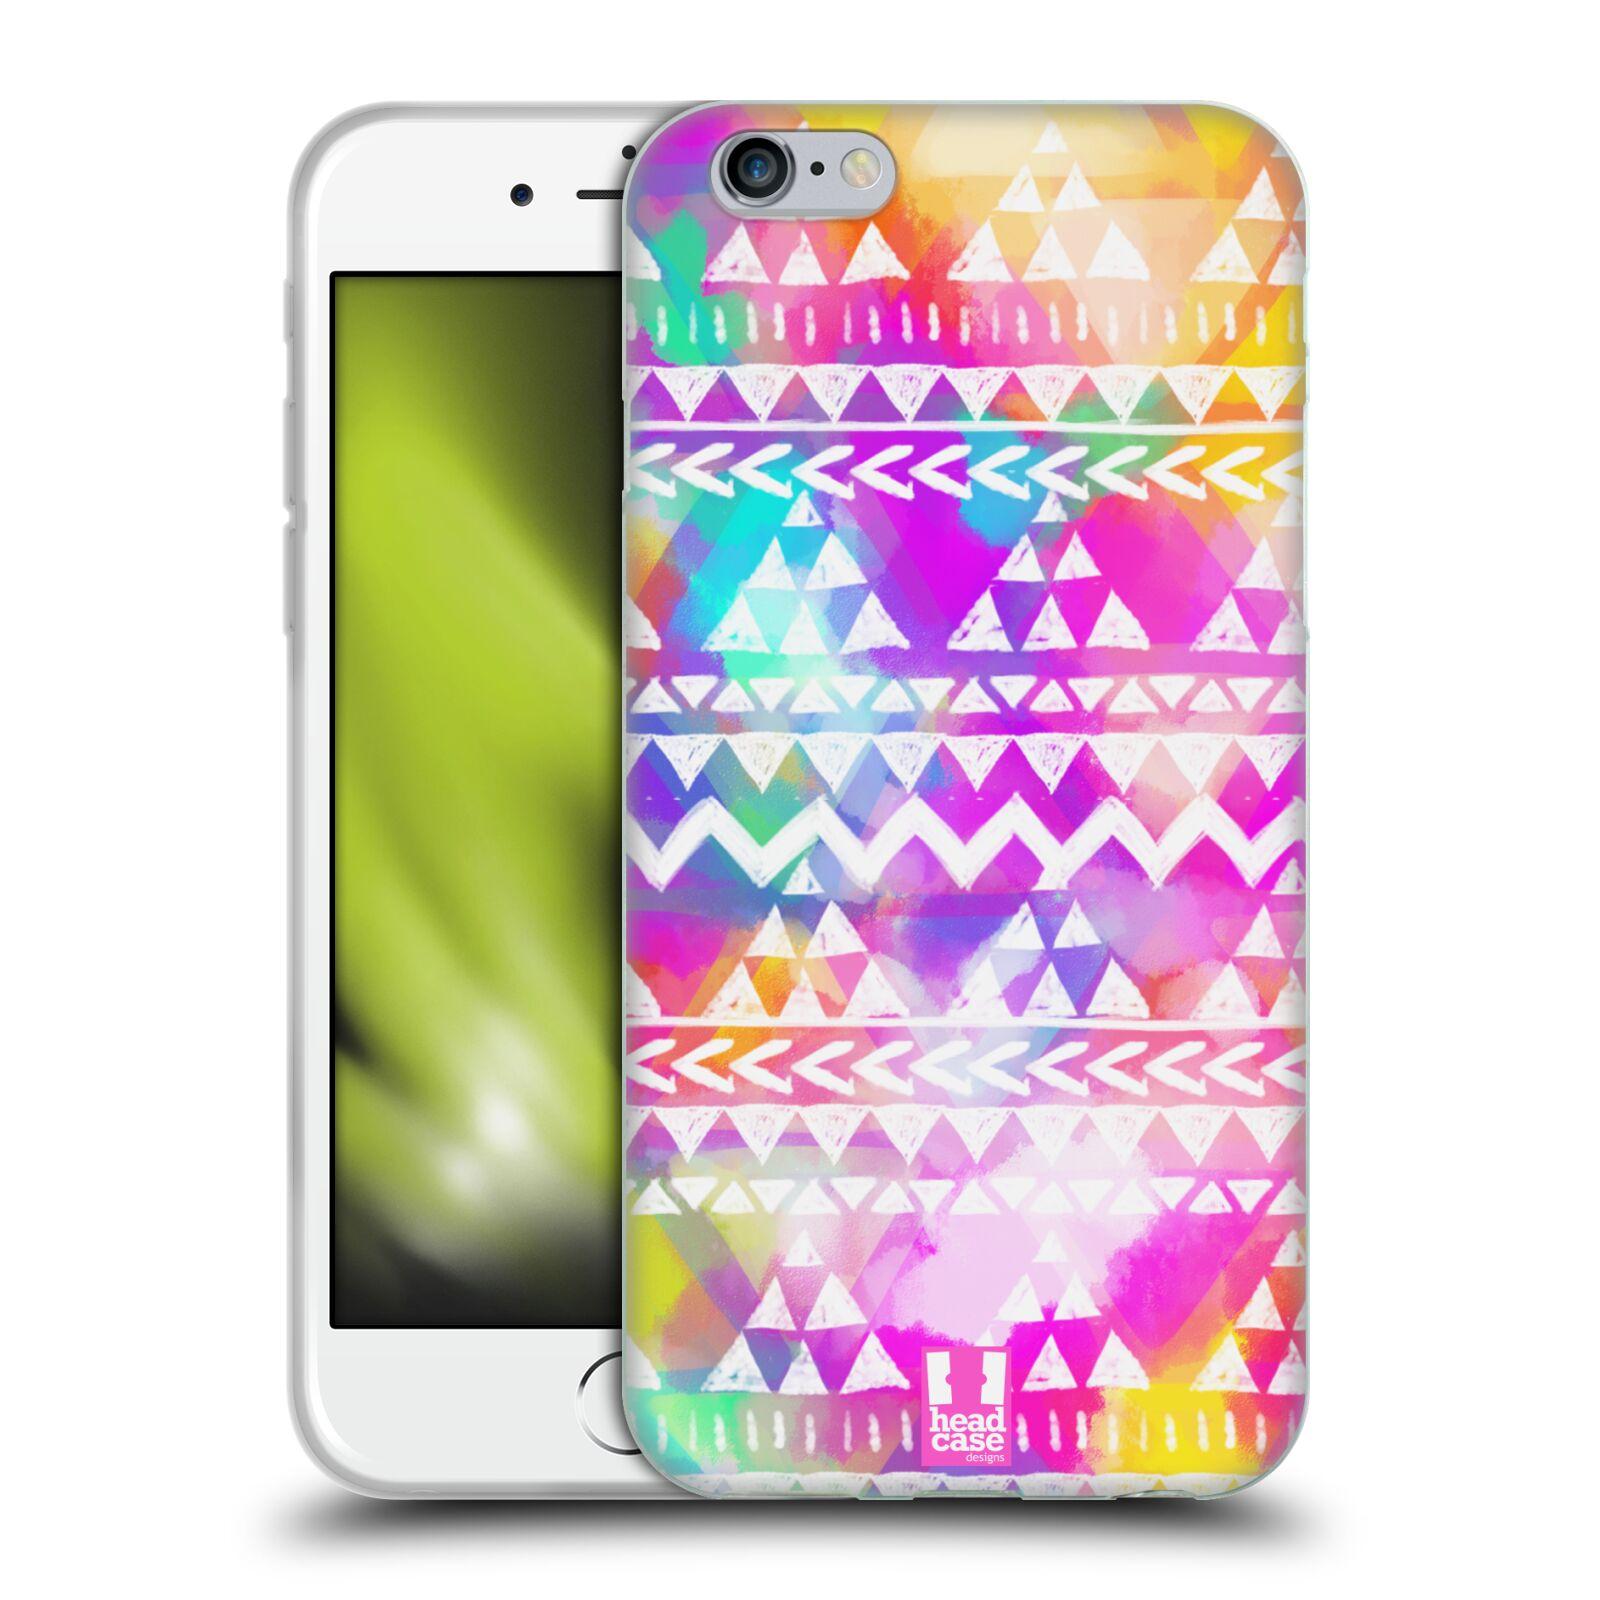 HEAD CASE silikonový obal na mobil Apple Iphone 6/6S vzor CIK CAK barevné znaky ZÁŘIVA RŮŽOVÁ